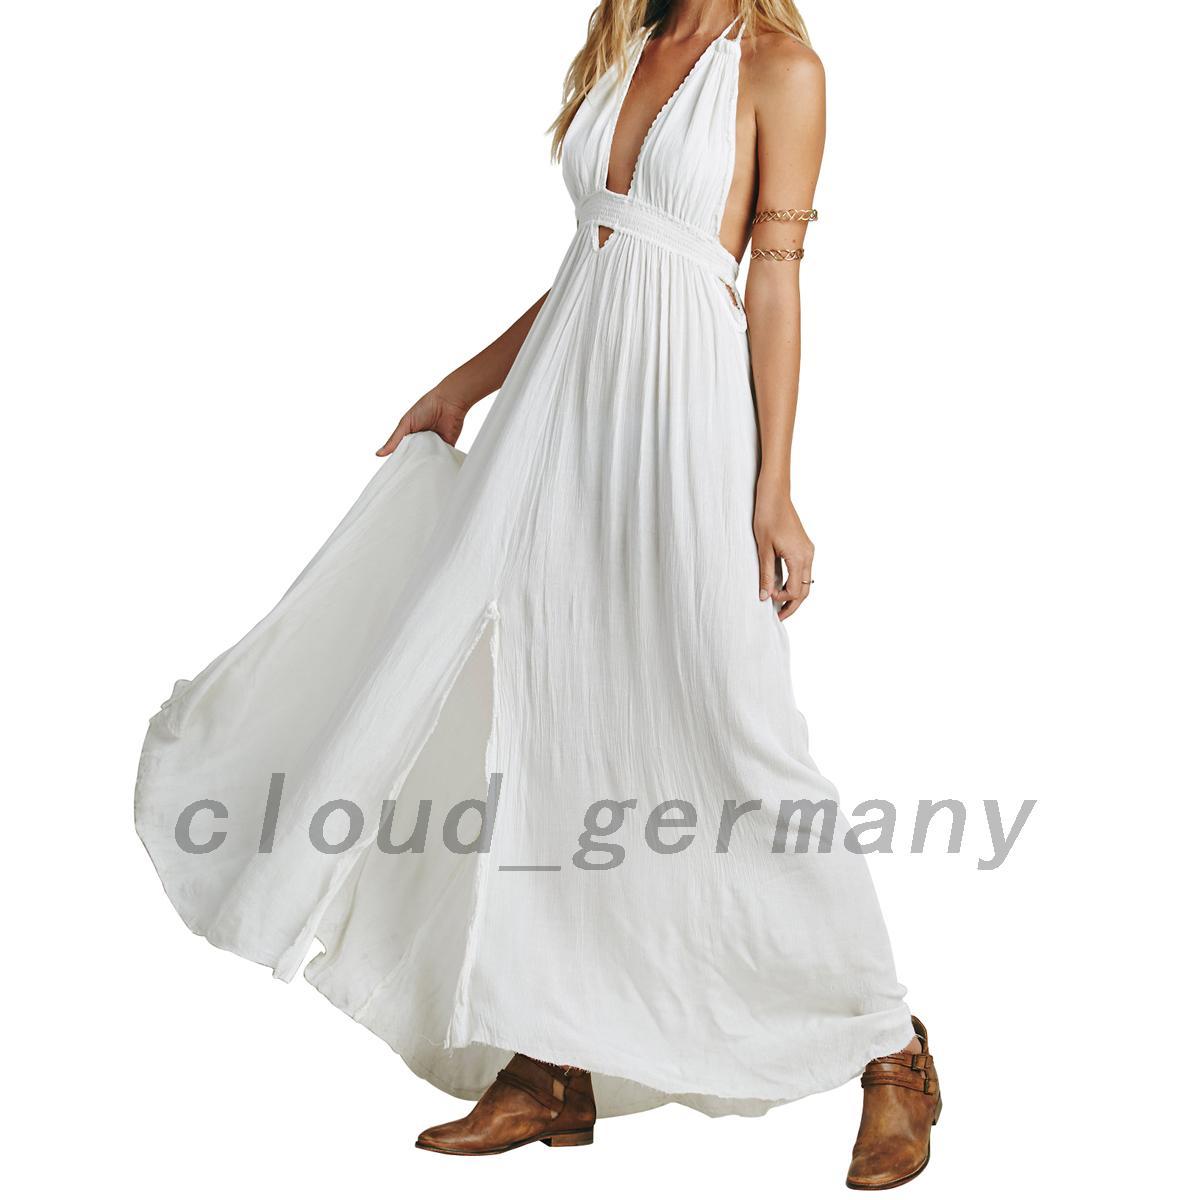 Ärmellos Partykleider Damen Lange Rückenfrei Kleid Maxikleid Mode ...